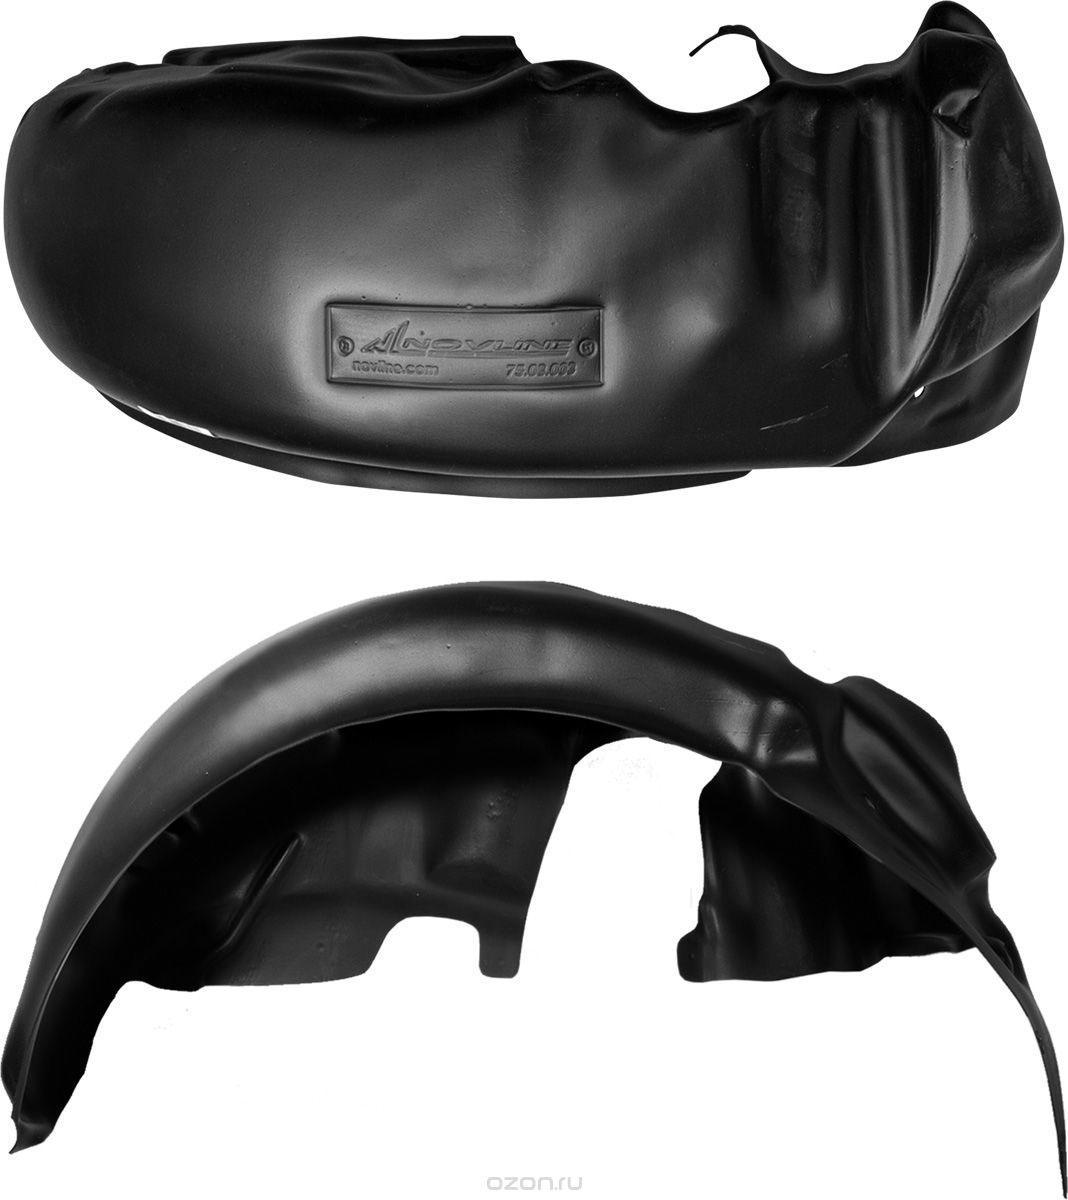 Подкрылок Novline-Autofamily, для FIAT Ducato 2006-2012, задний правыйNLL.15.10.004Идеальная защита колесной ниши. Локеры разработаны с применением цифровых технологий, гарантируют максимальную повторяемость поверхности арки. Изделия устанавливаются без нарушения лакокрасочного покрытия автомобиля, каждый подкрылок комплектуется крепежом. Уважаемые клиенты, обращаем ваше внимание, что фотографии на подкрылки универсальные и не отражают реальную форму изделия. При этом само изделие идет точно под размер указанного автомобиля.